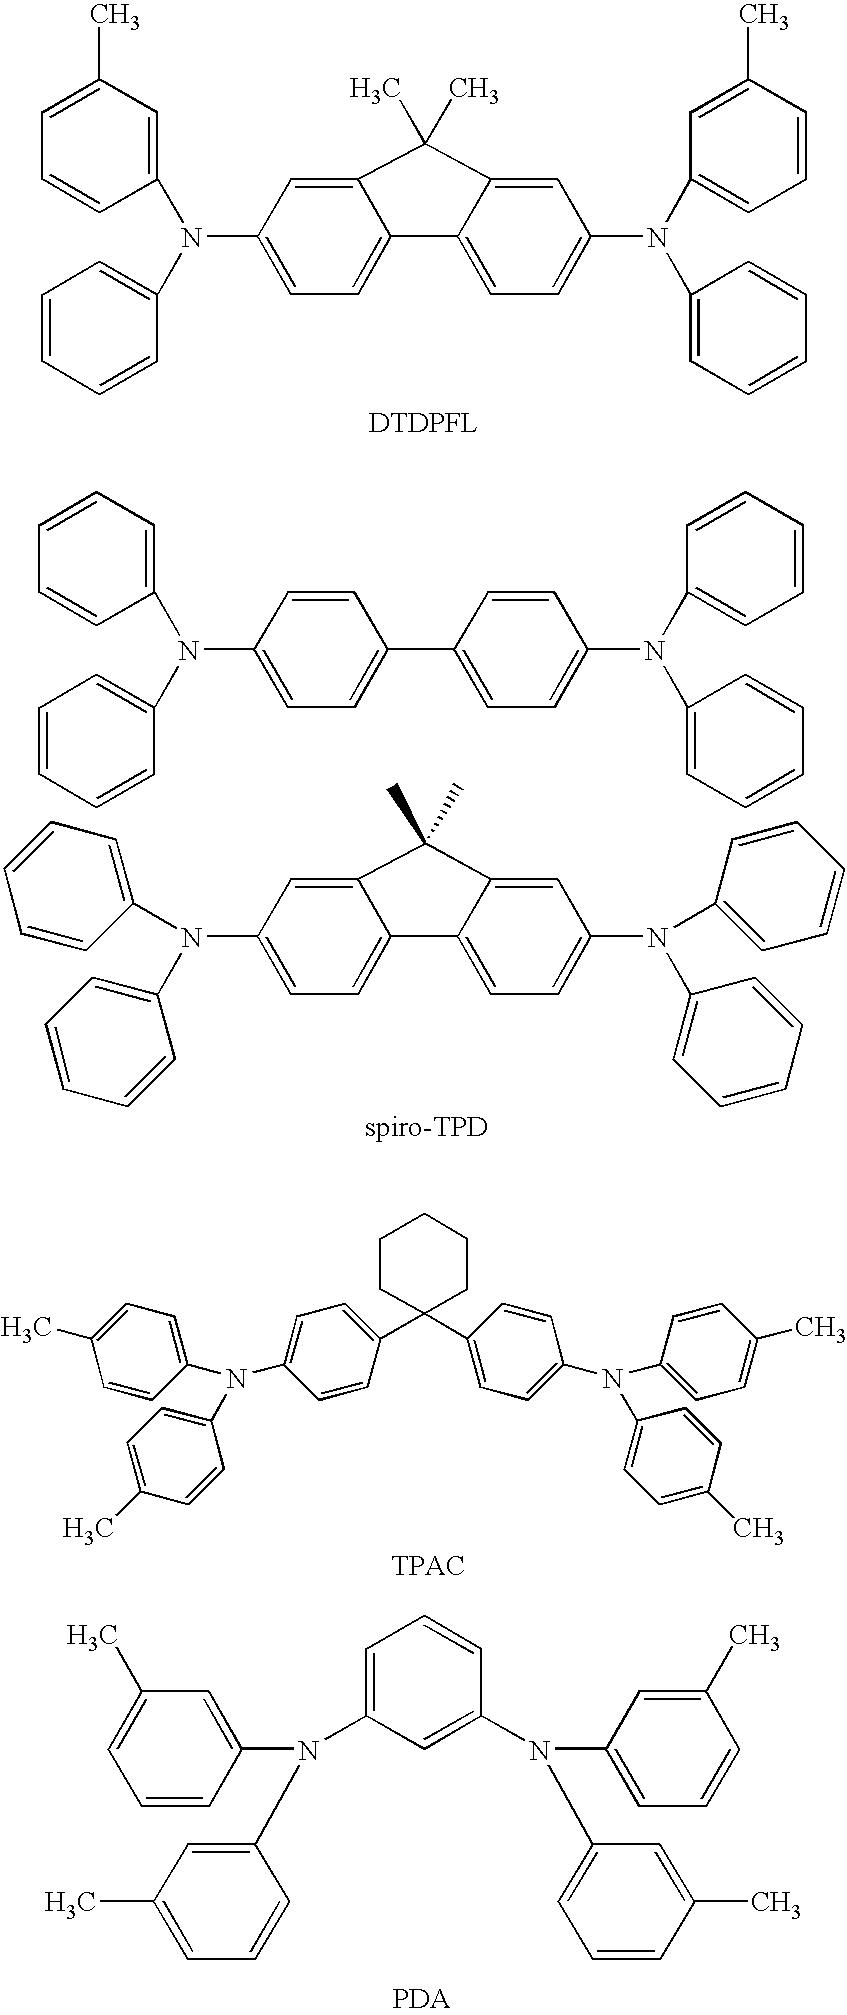 Figure US20060134425A1-20060622-C00023